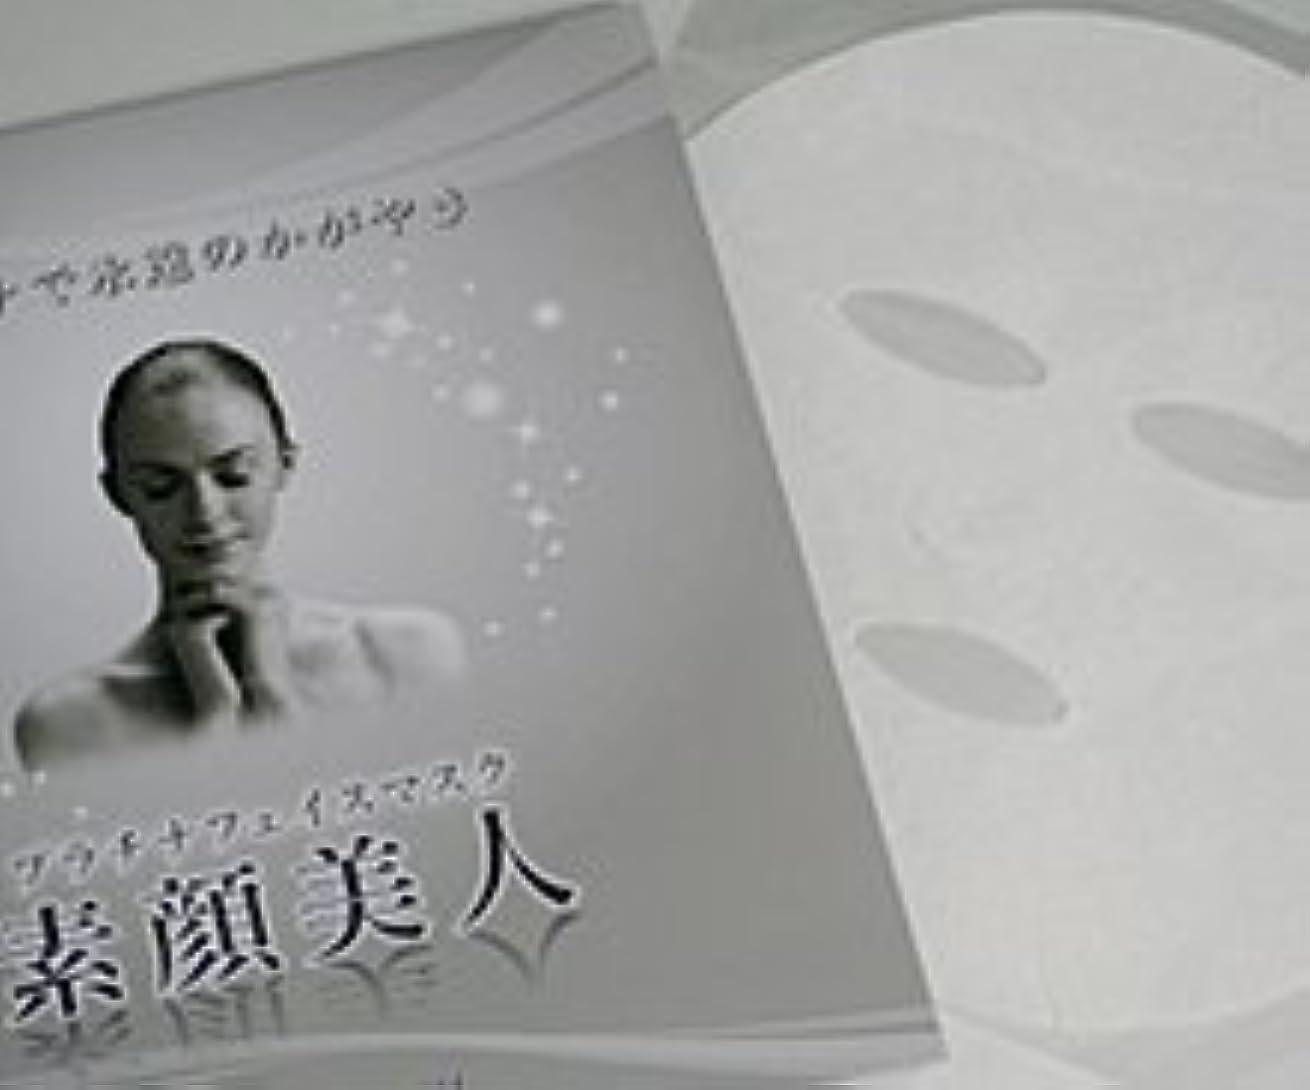 ペストリー近く経験的プラチナフェイスマスク 素顔美人 (12枚入)